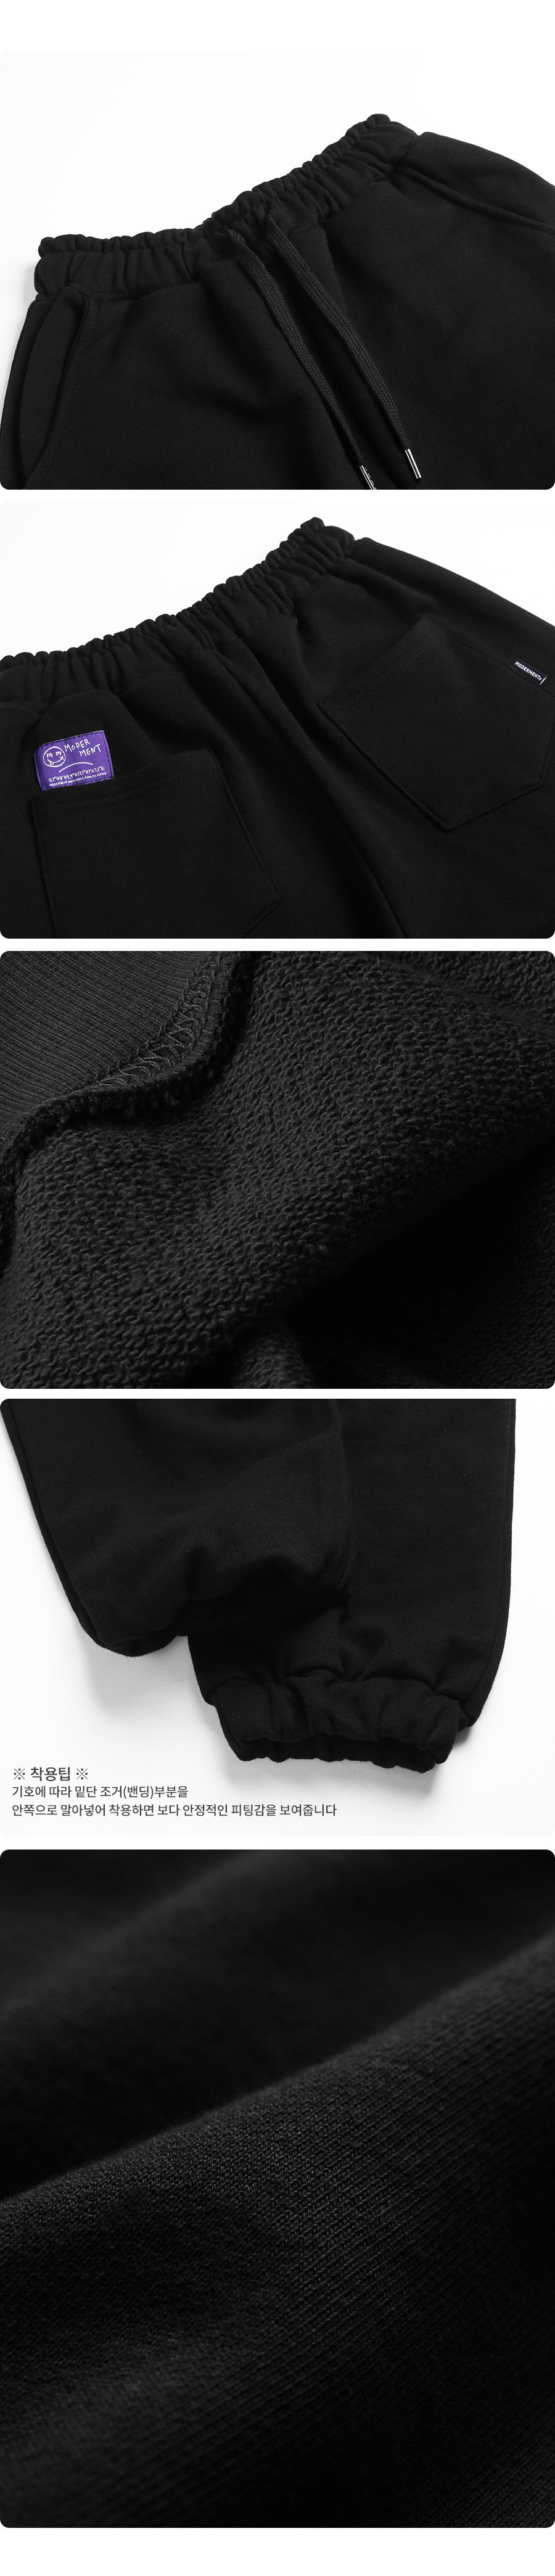 [UNISEX] 먼트 바이오워싱 조거팬츠 (블랙)